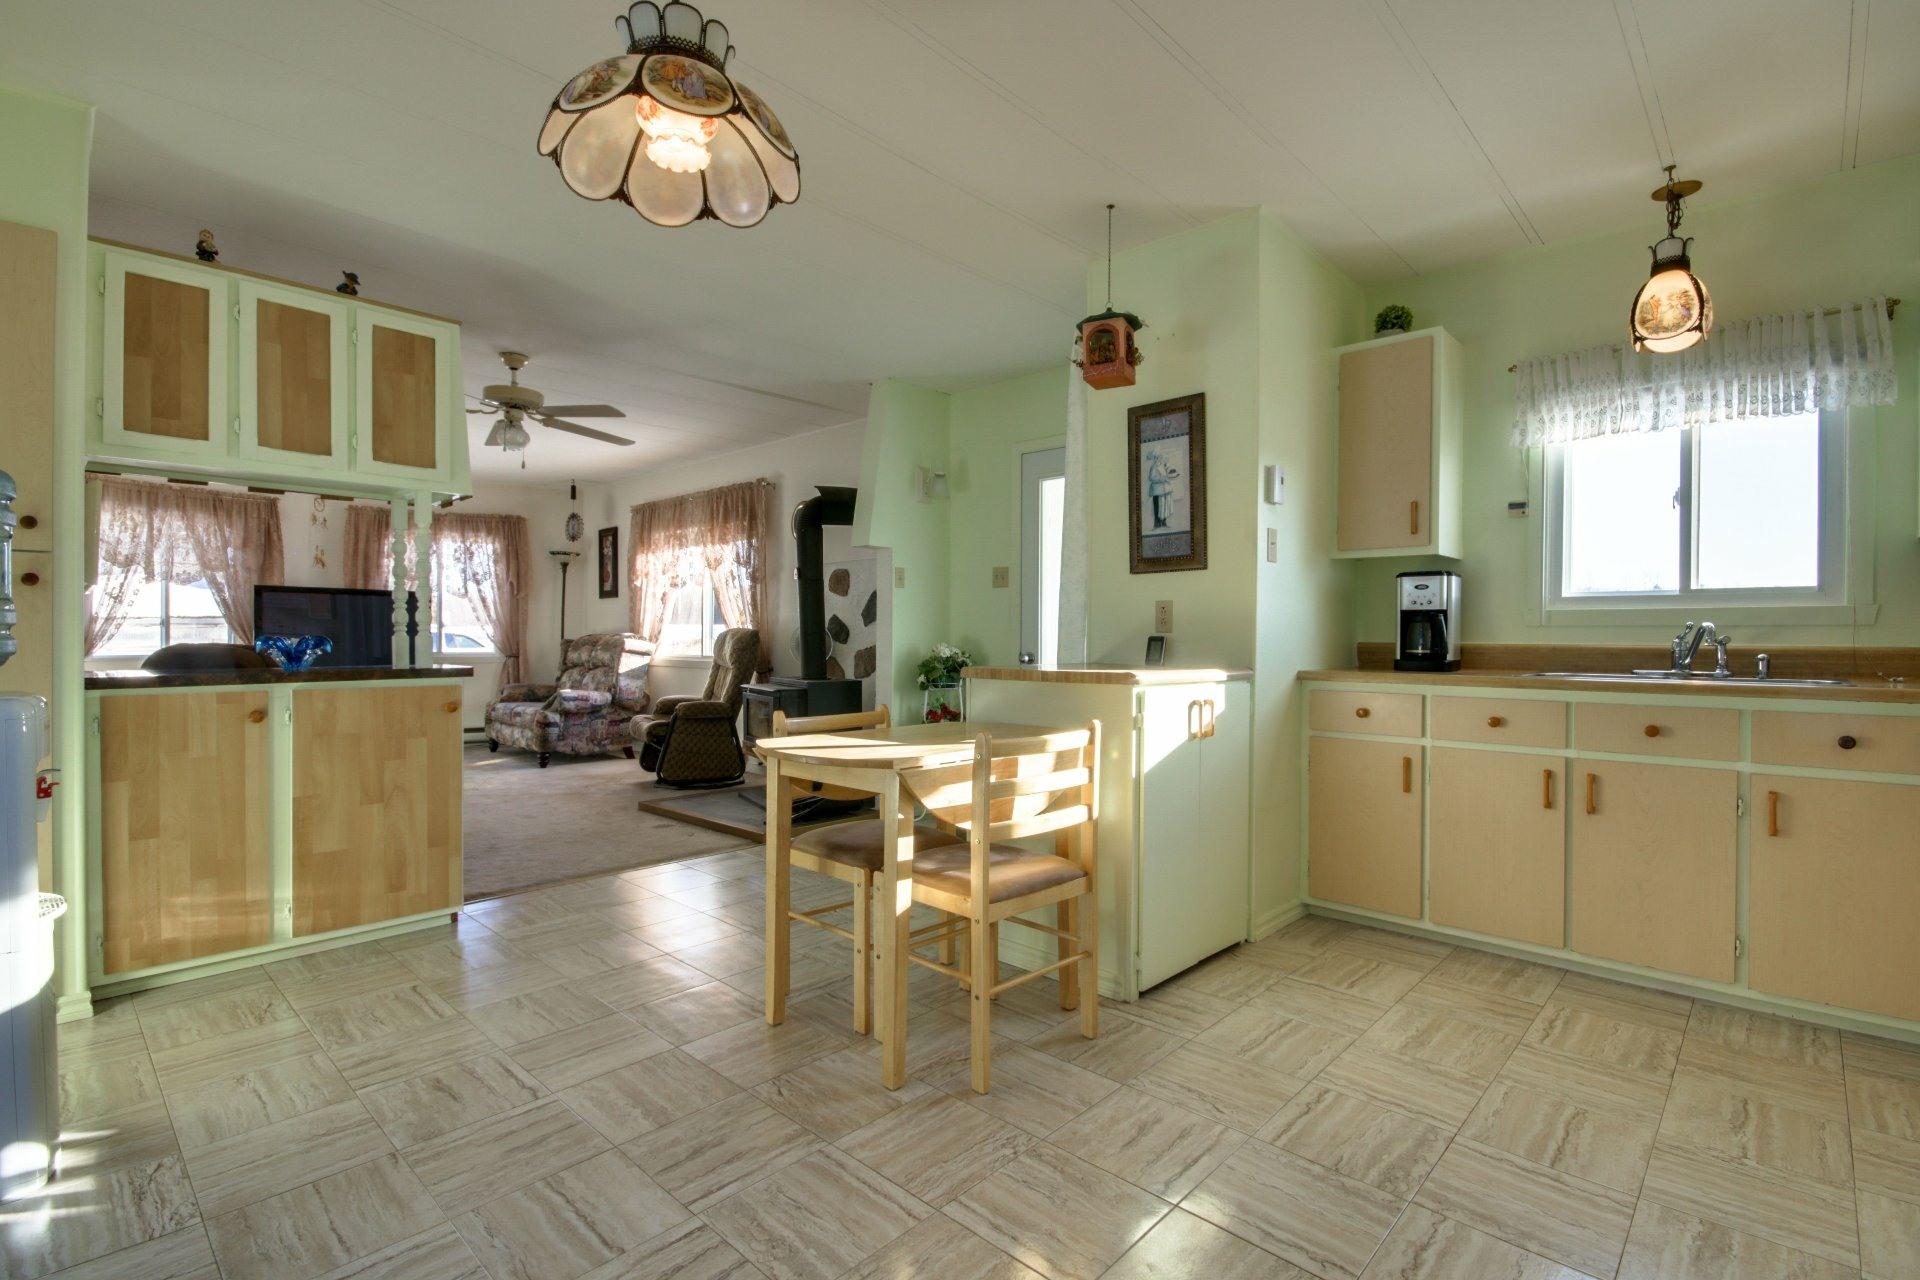 image 9 - House For sale Saint-Pierre-les-Becquets - 6 rooms